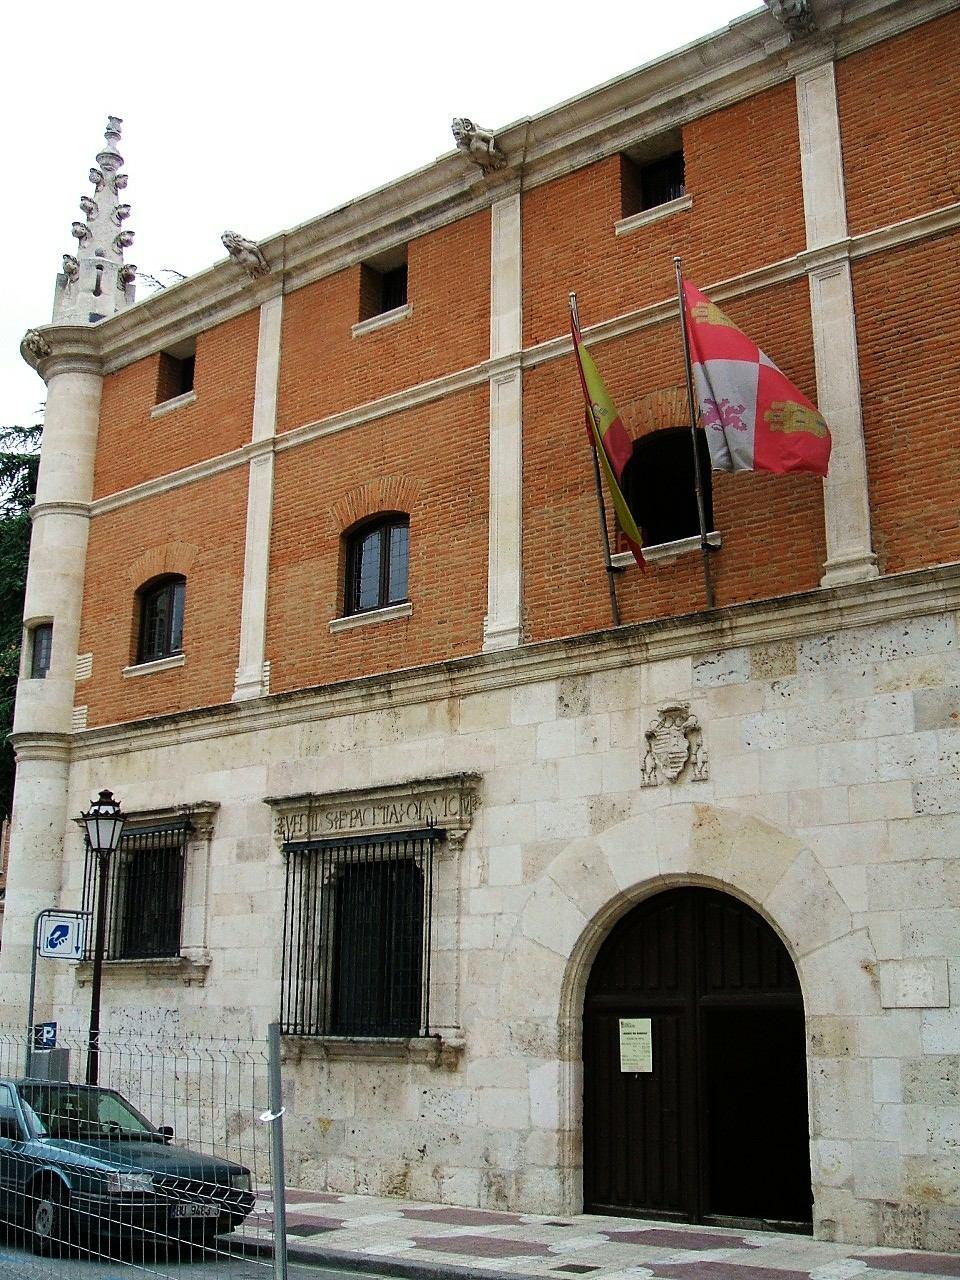 Museo de Burgos - Wikipedia, la enciclopedia libre